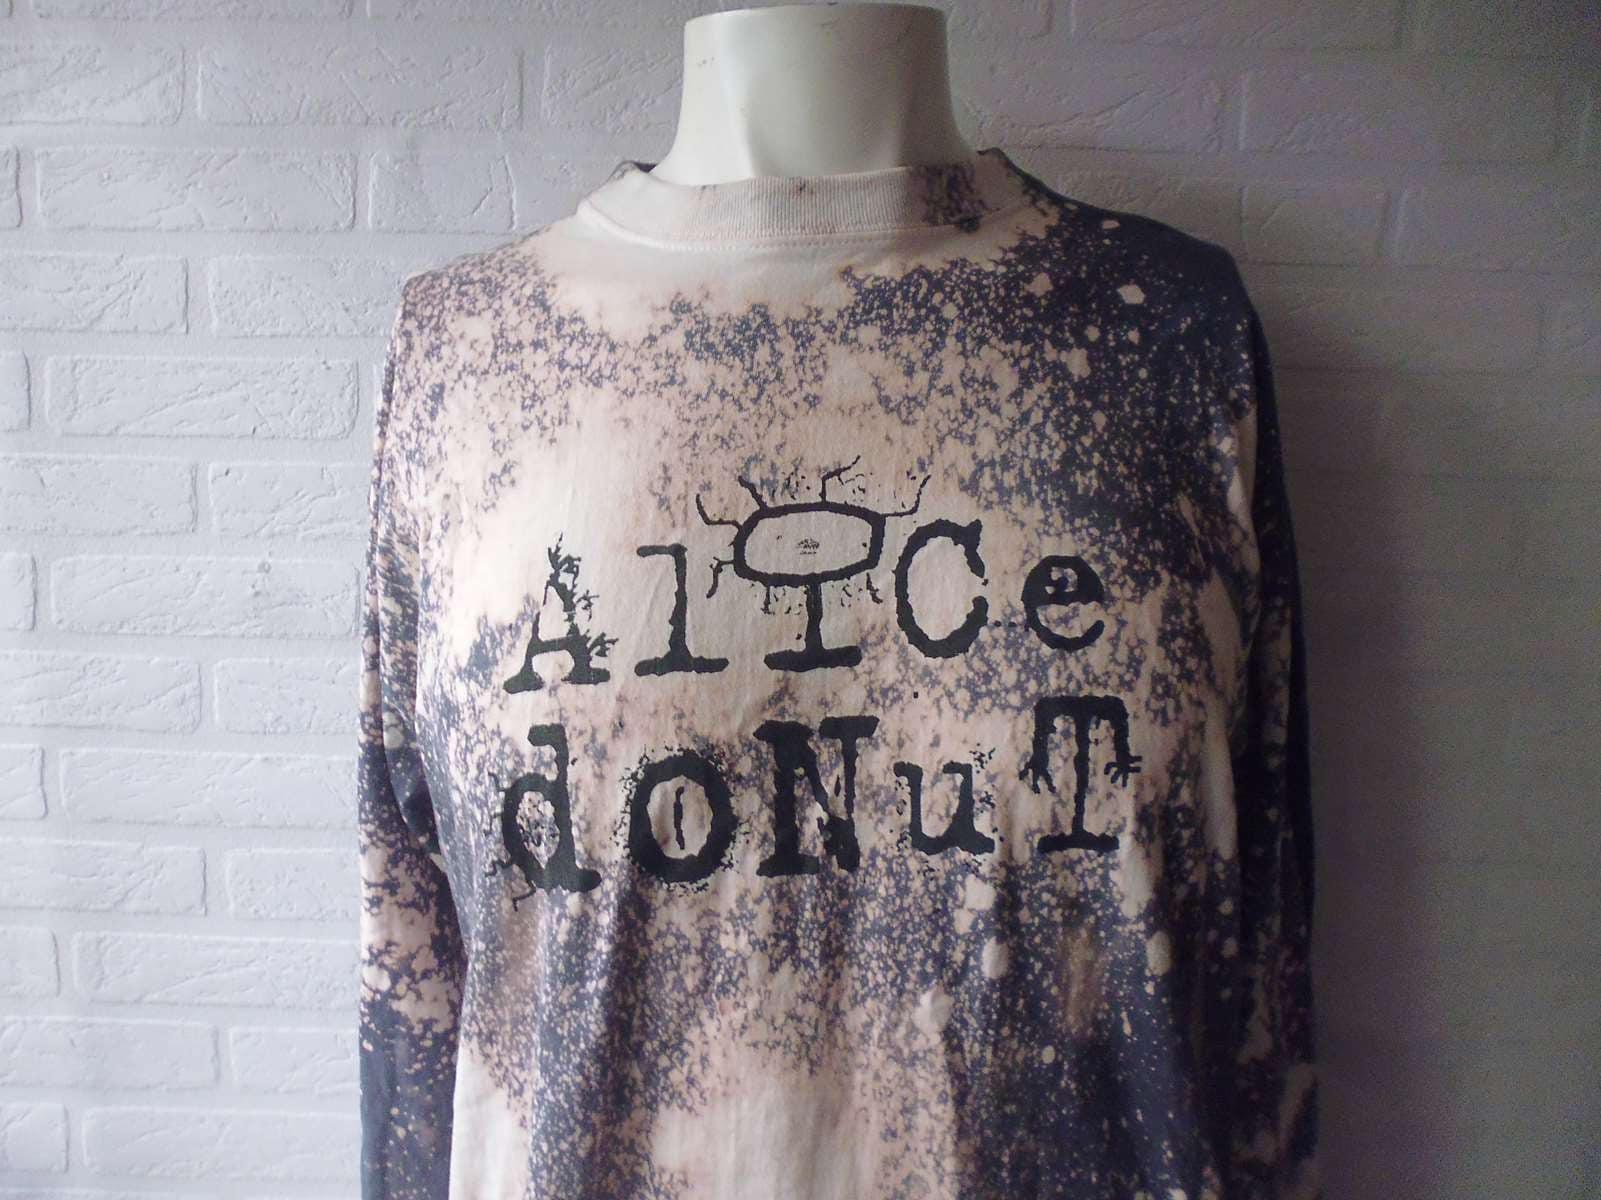 Alice Donut bleach long sleeved tee shirt shirt shirt 3e0b54